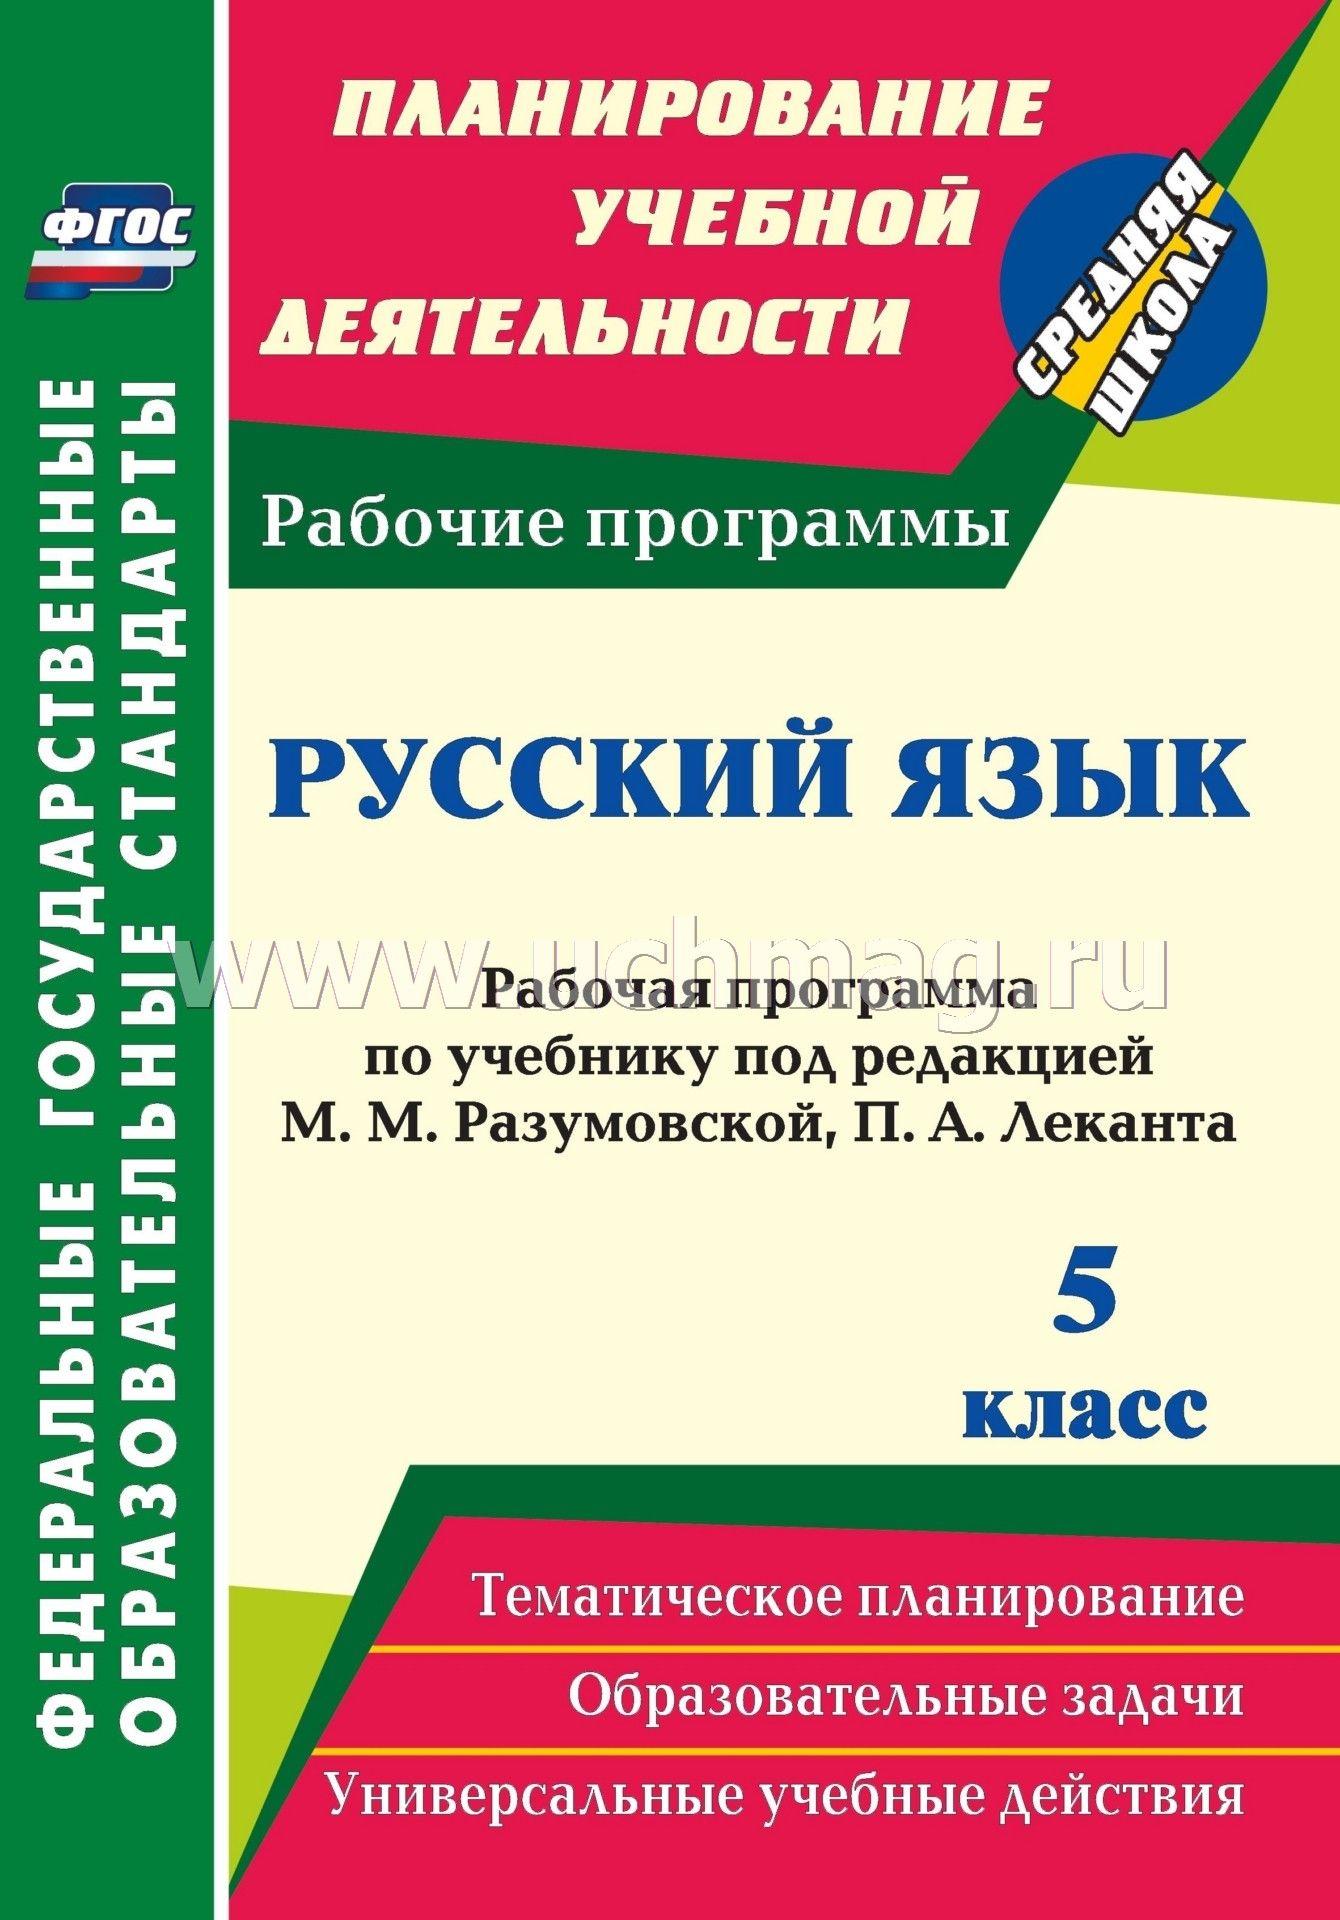 Русский язык 5класс разумовской леканта